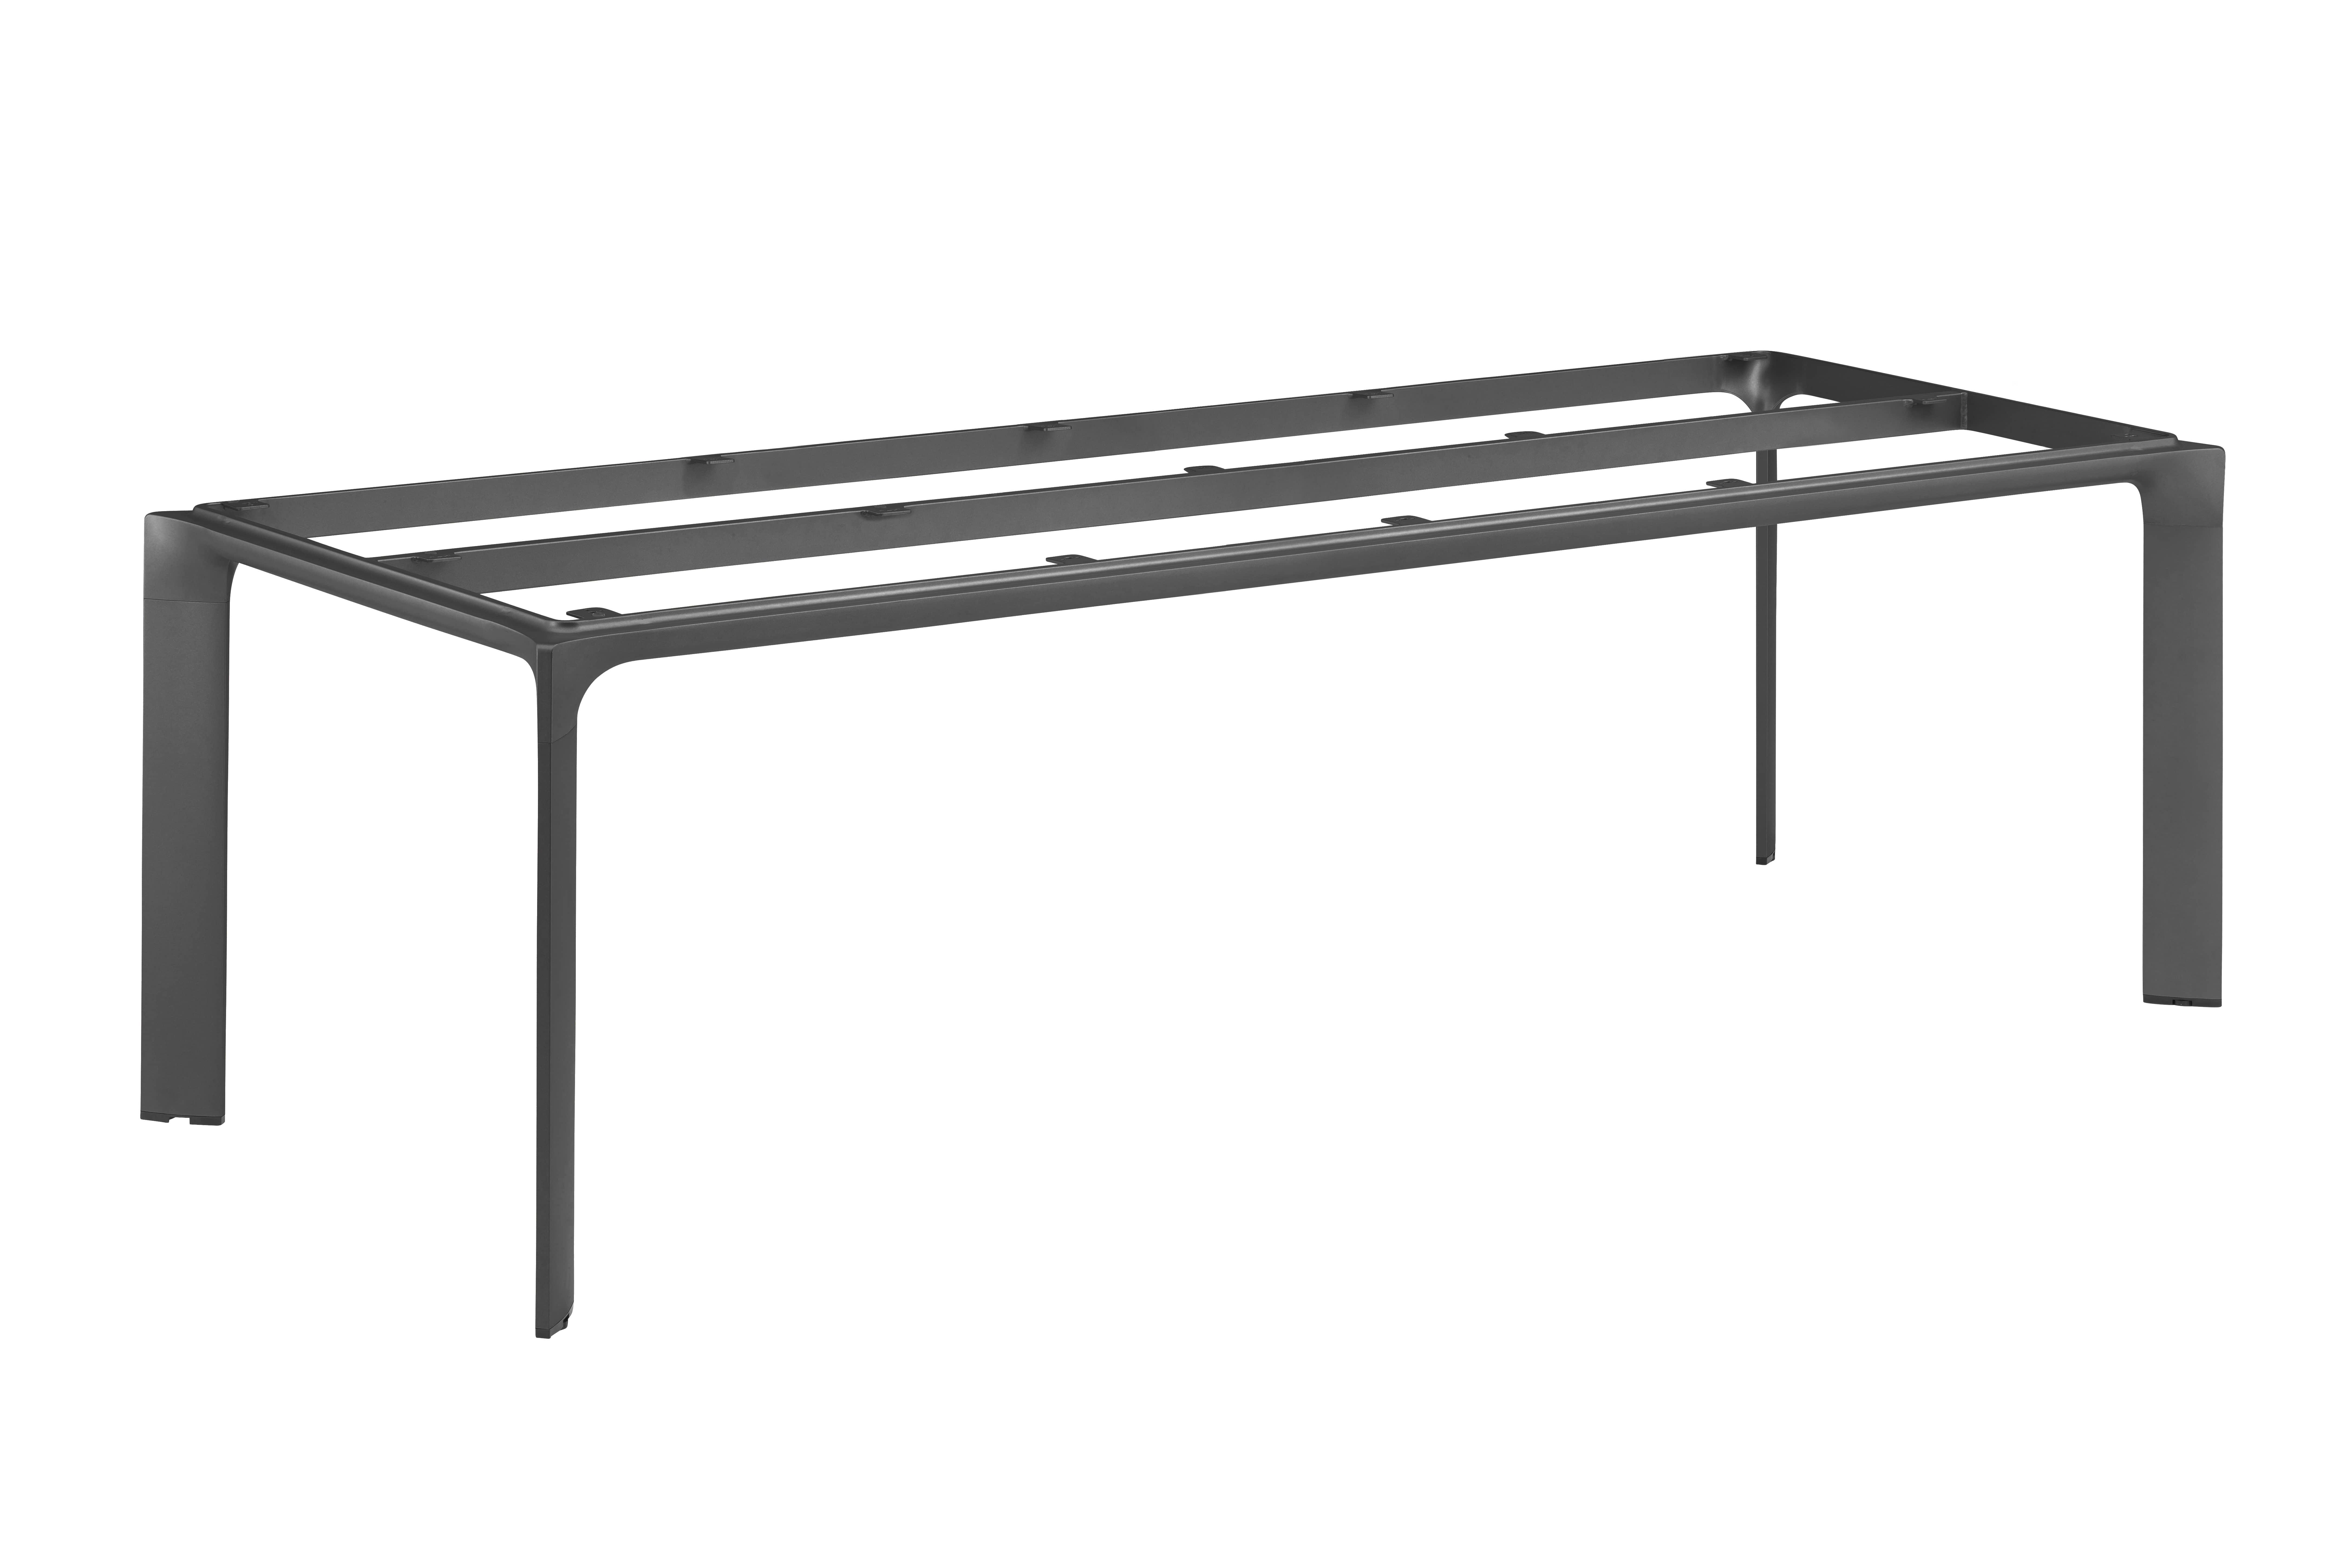 DIAMOND Tischgestell 220 x 96 cm